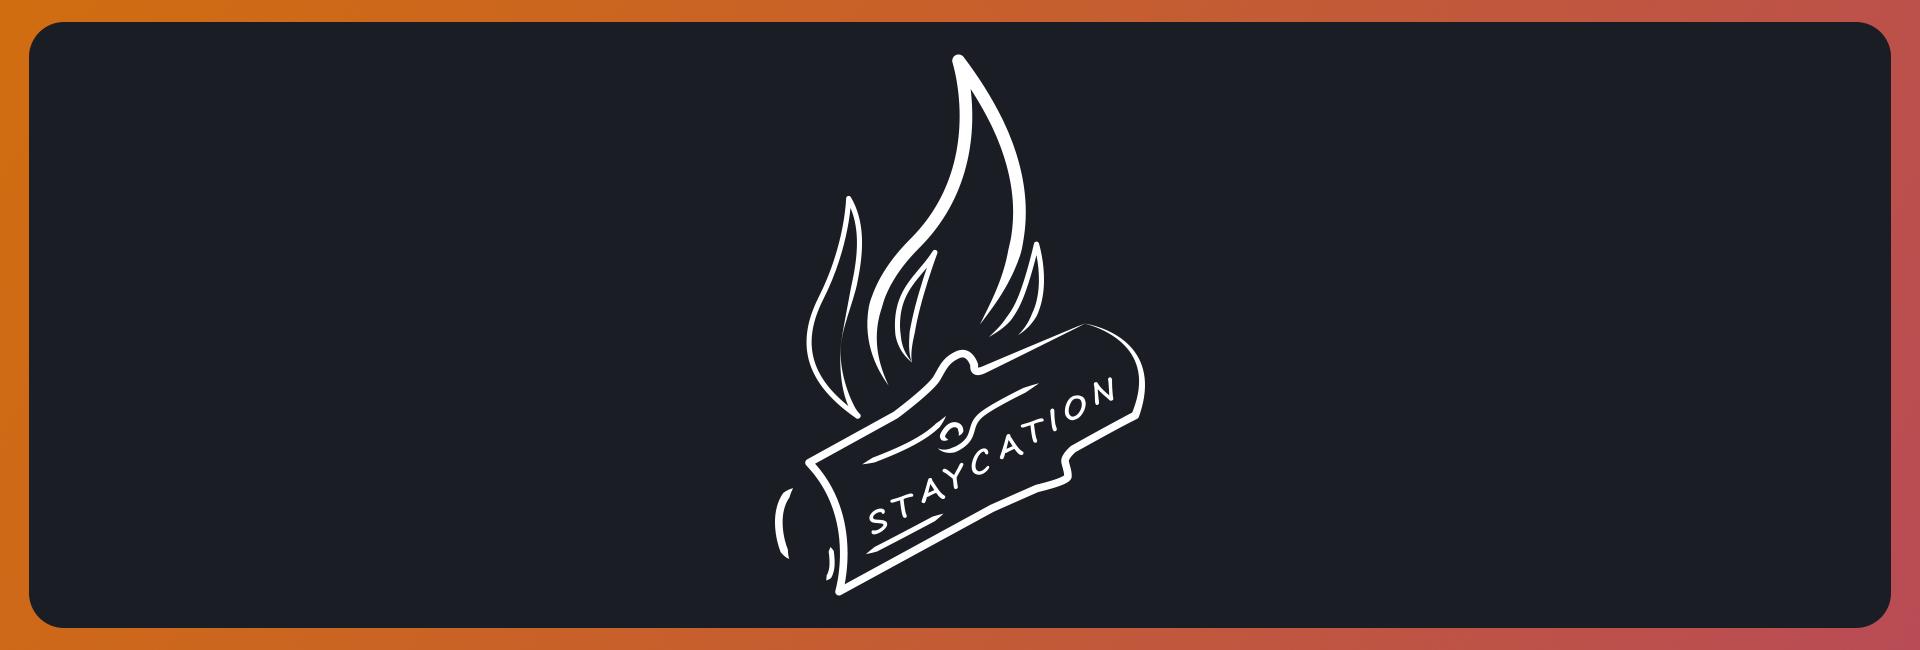 Staycatuion - Week 3